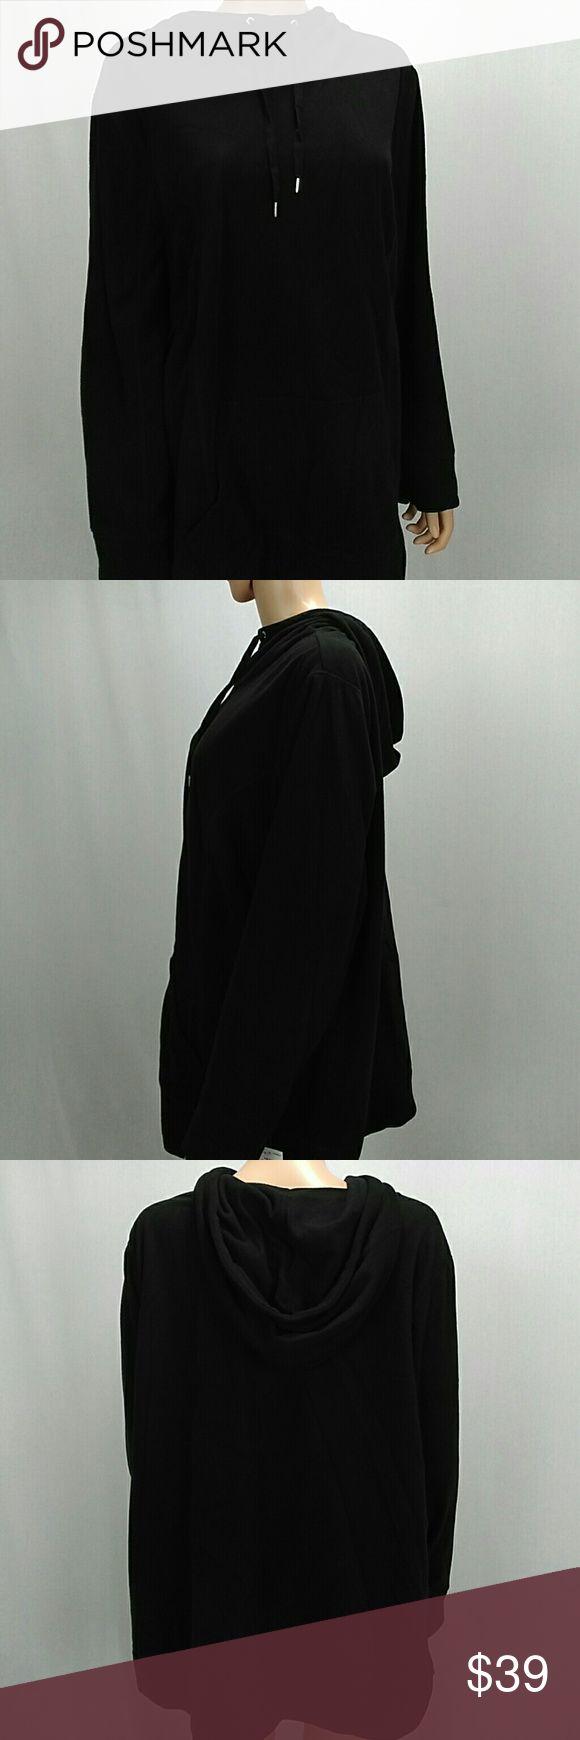 Style & Co Women Sport hoodie Sweater size2X Style & Co Women Sport Hoodie Sweater size 2X. NWT. Color is black. Style & Co Tops Sweatshirts & Hoodies